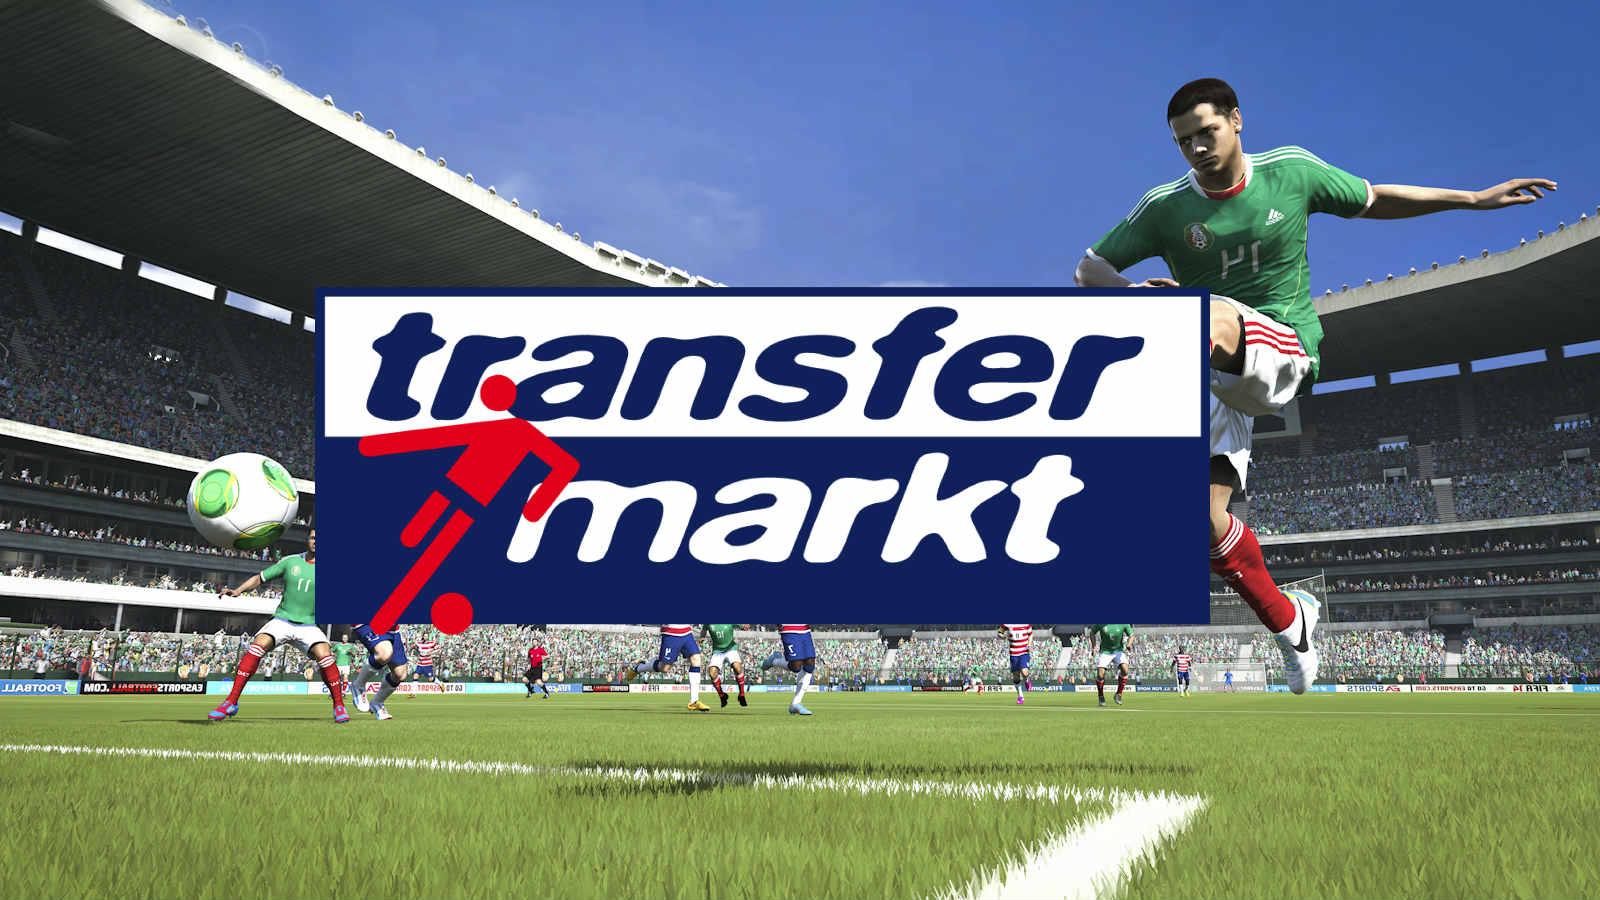 Transfermarkt. Обзор проекта. Чем сайт полезен в ставках на футбол?